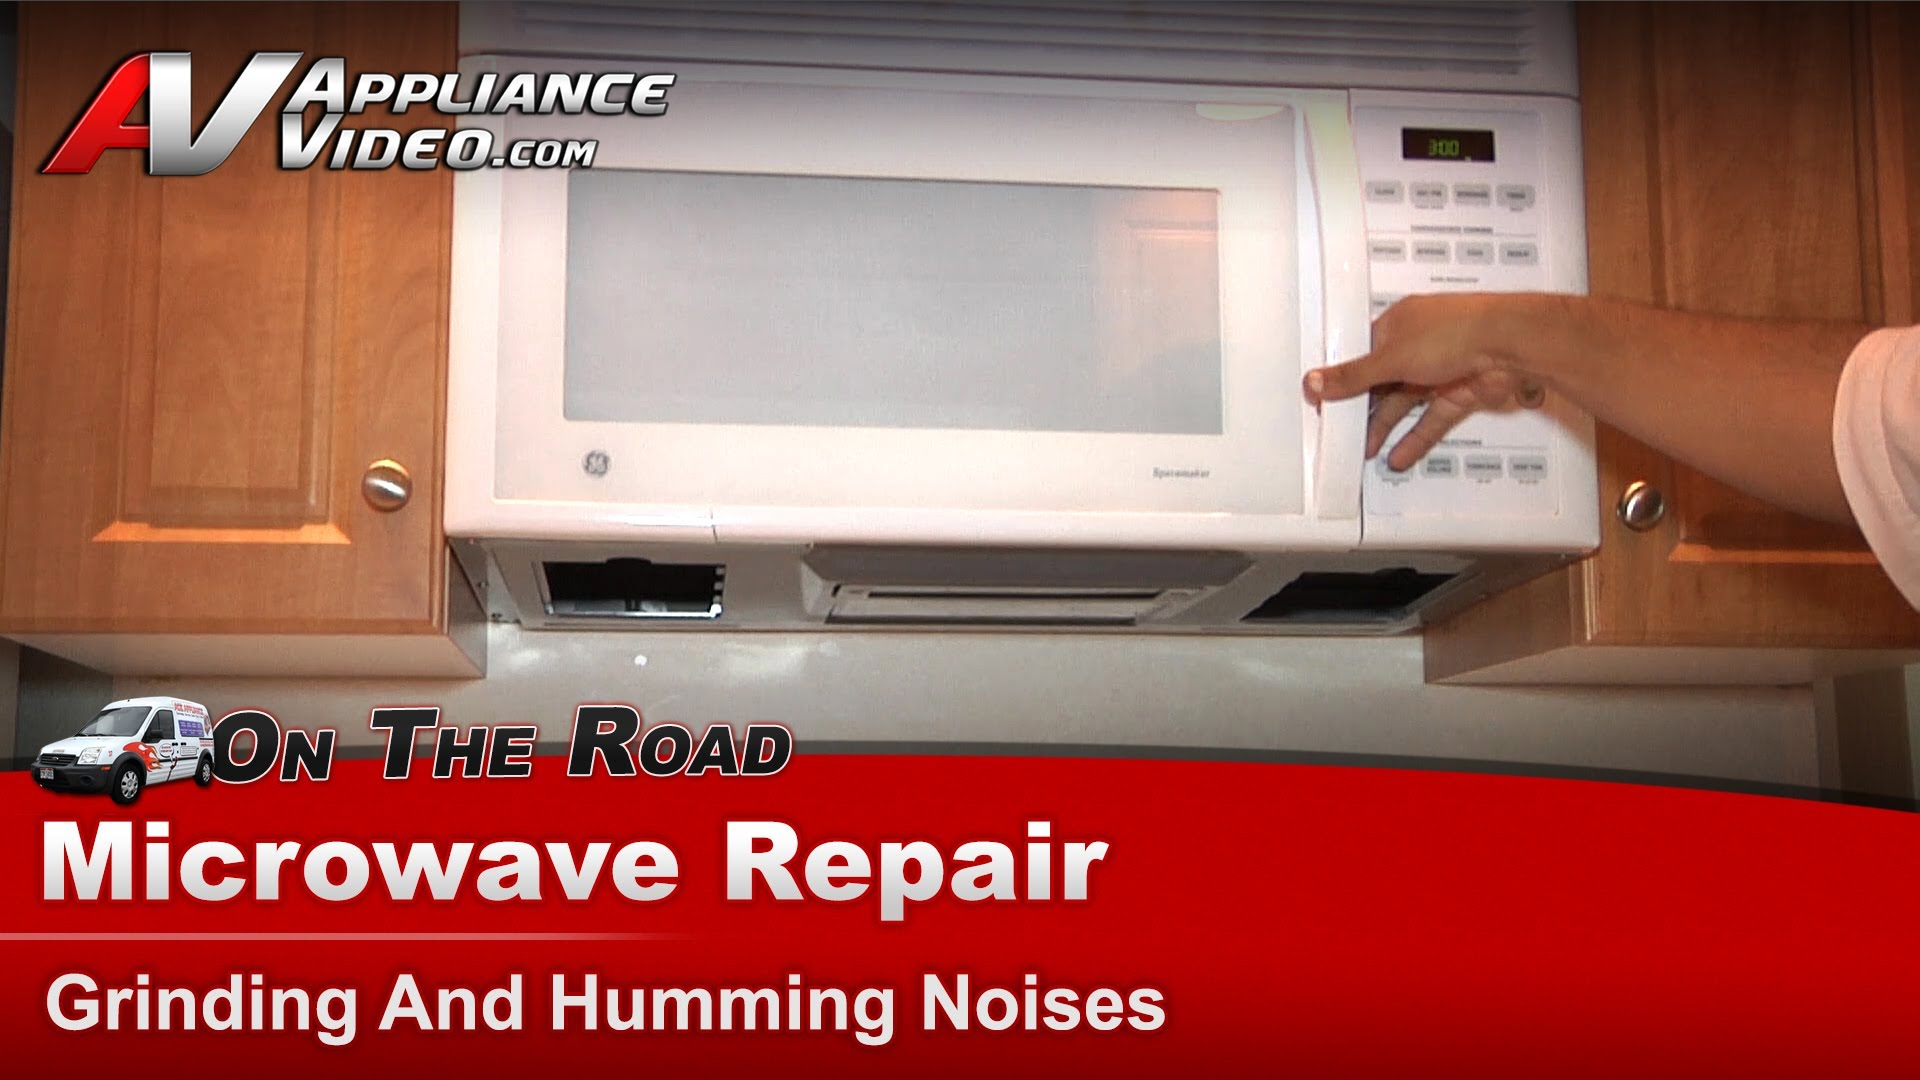 Ge Jvm1540w53 Microwave Repair Grinding And Humming Noises Turntable Motor Liance Video